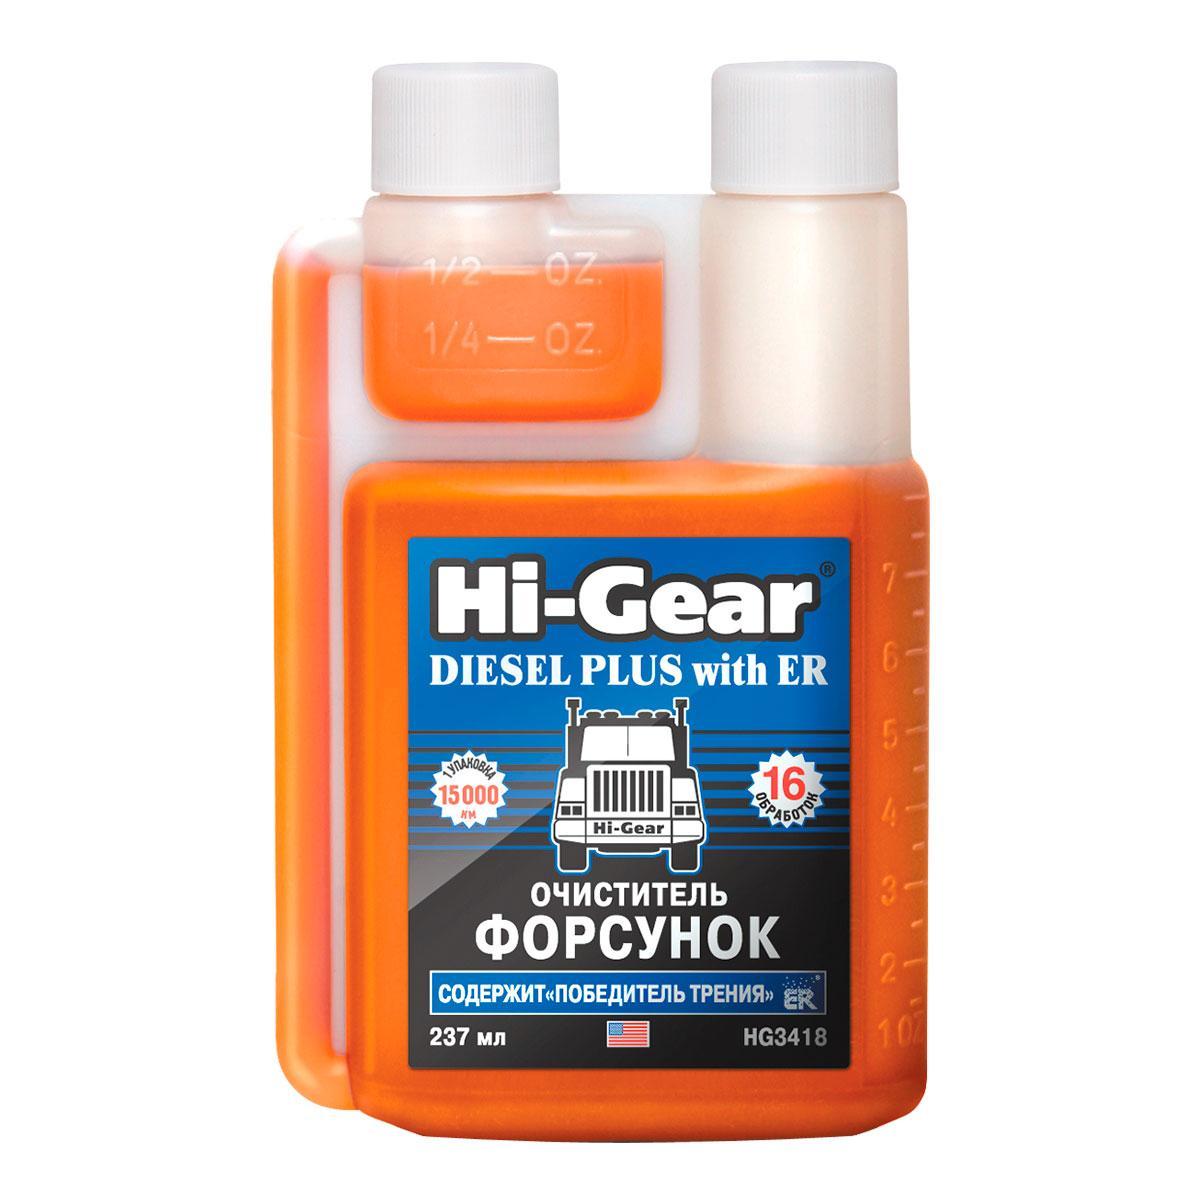 Очиститель форсунок для дизеля с ER на 16 обработок, Hi-Gear, 237мл